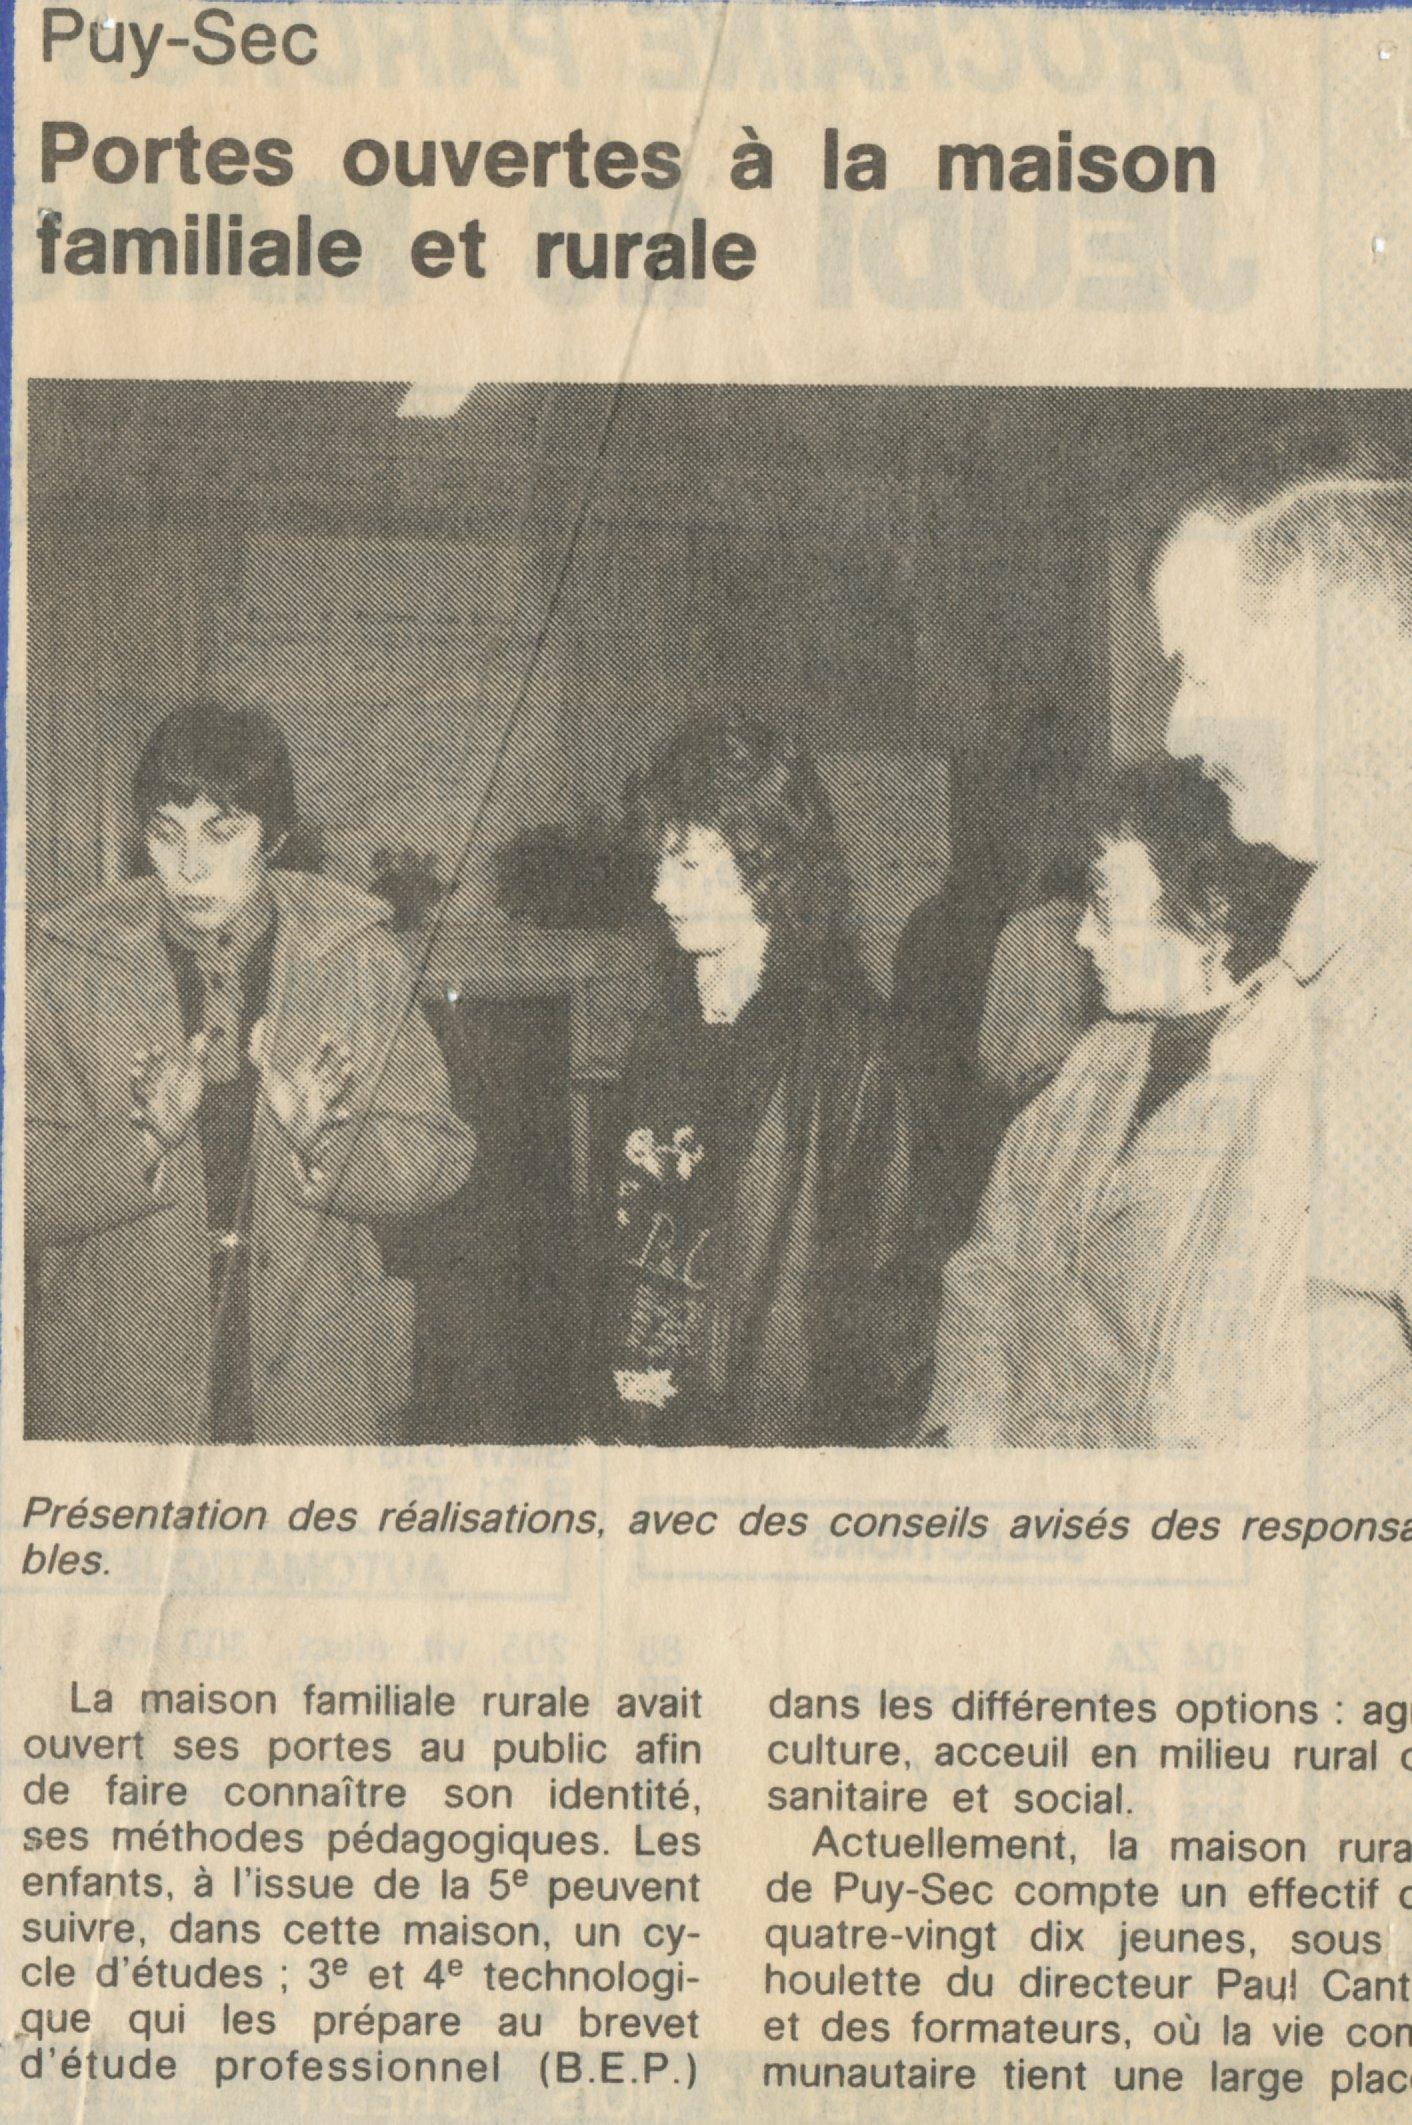 Archives anciens élèves mfr puy-sec 1989 (1)